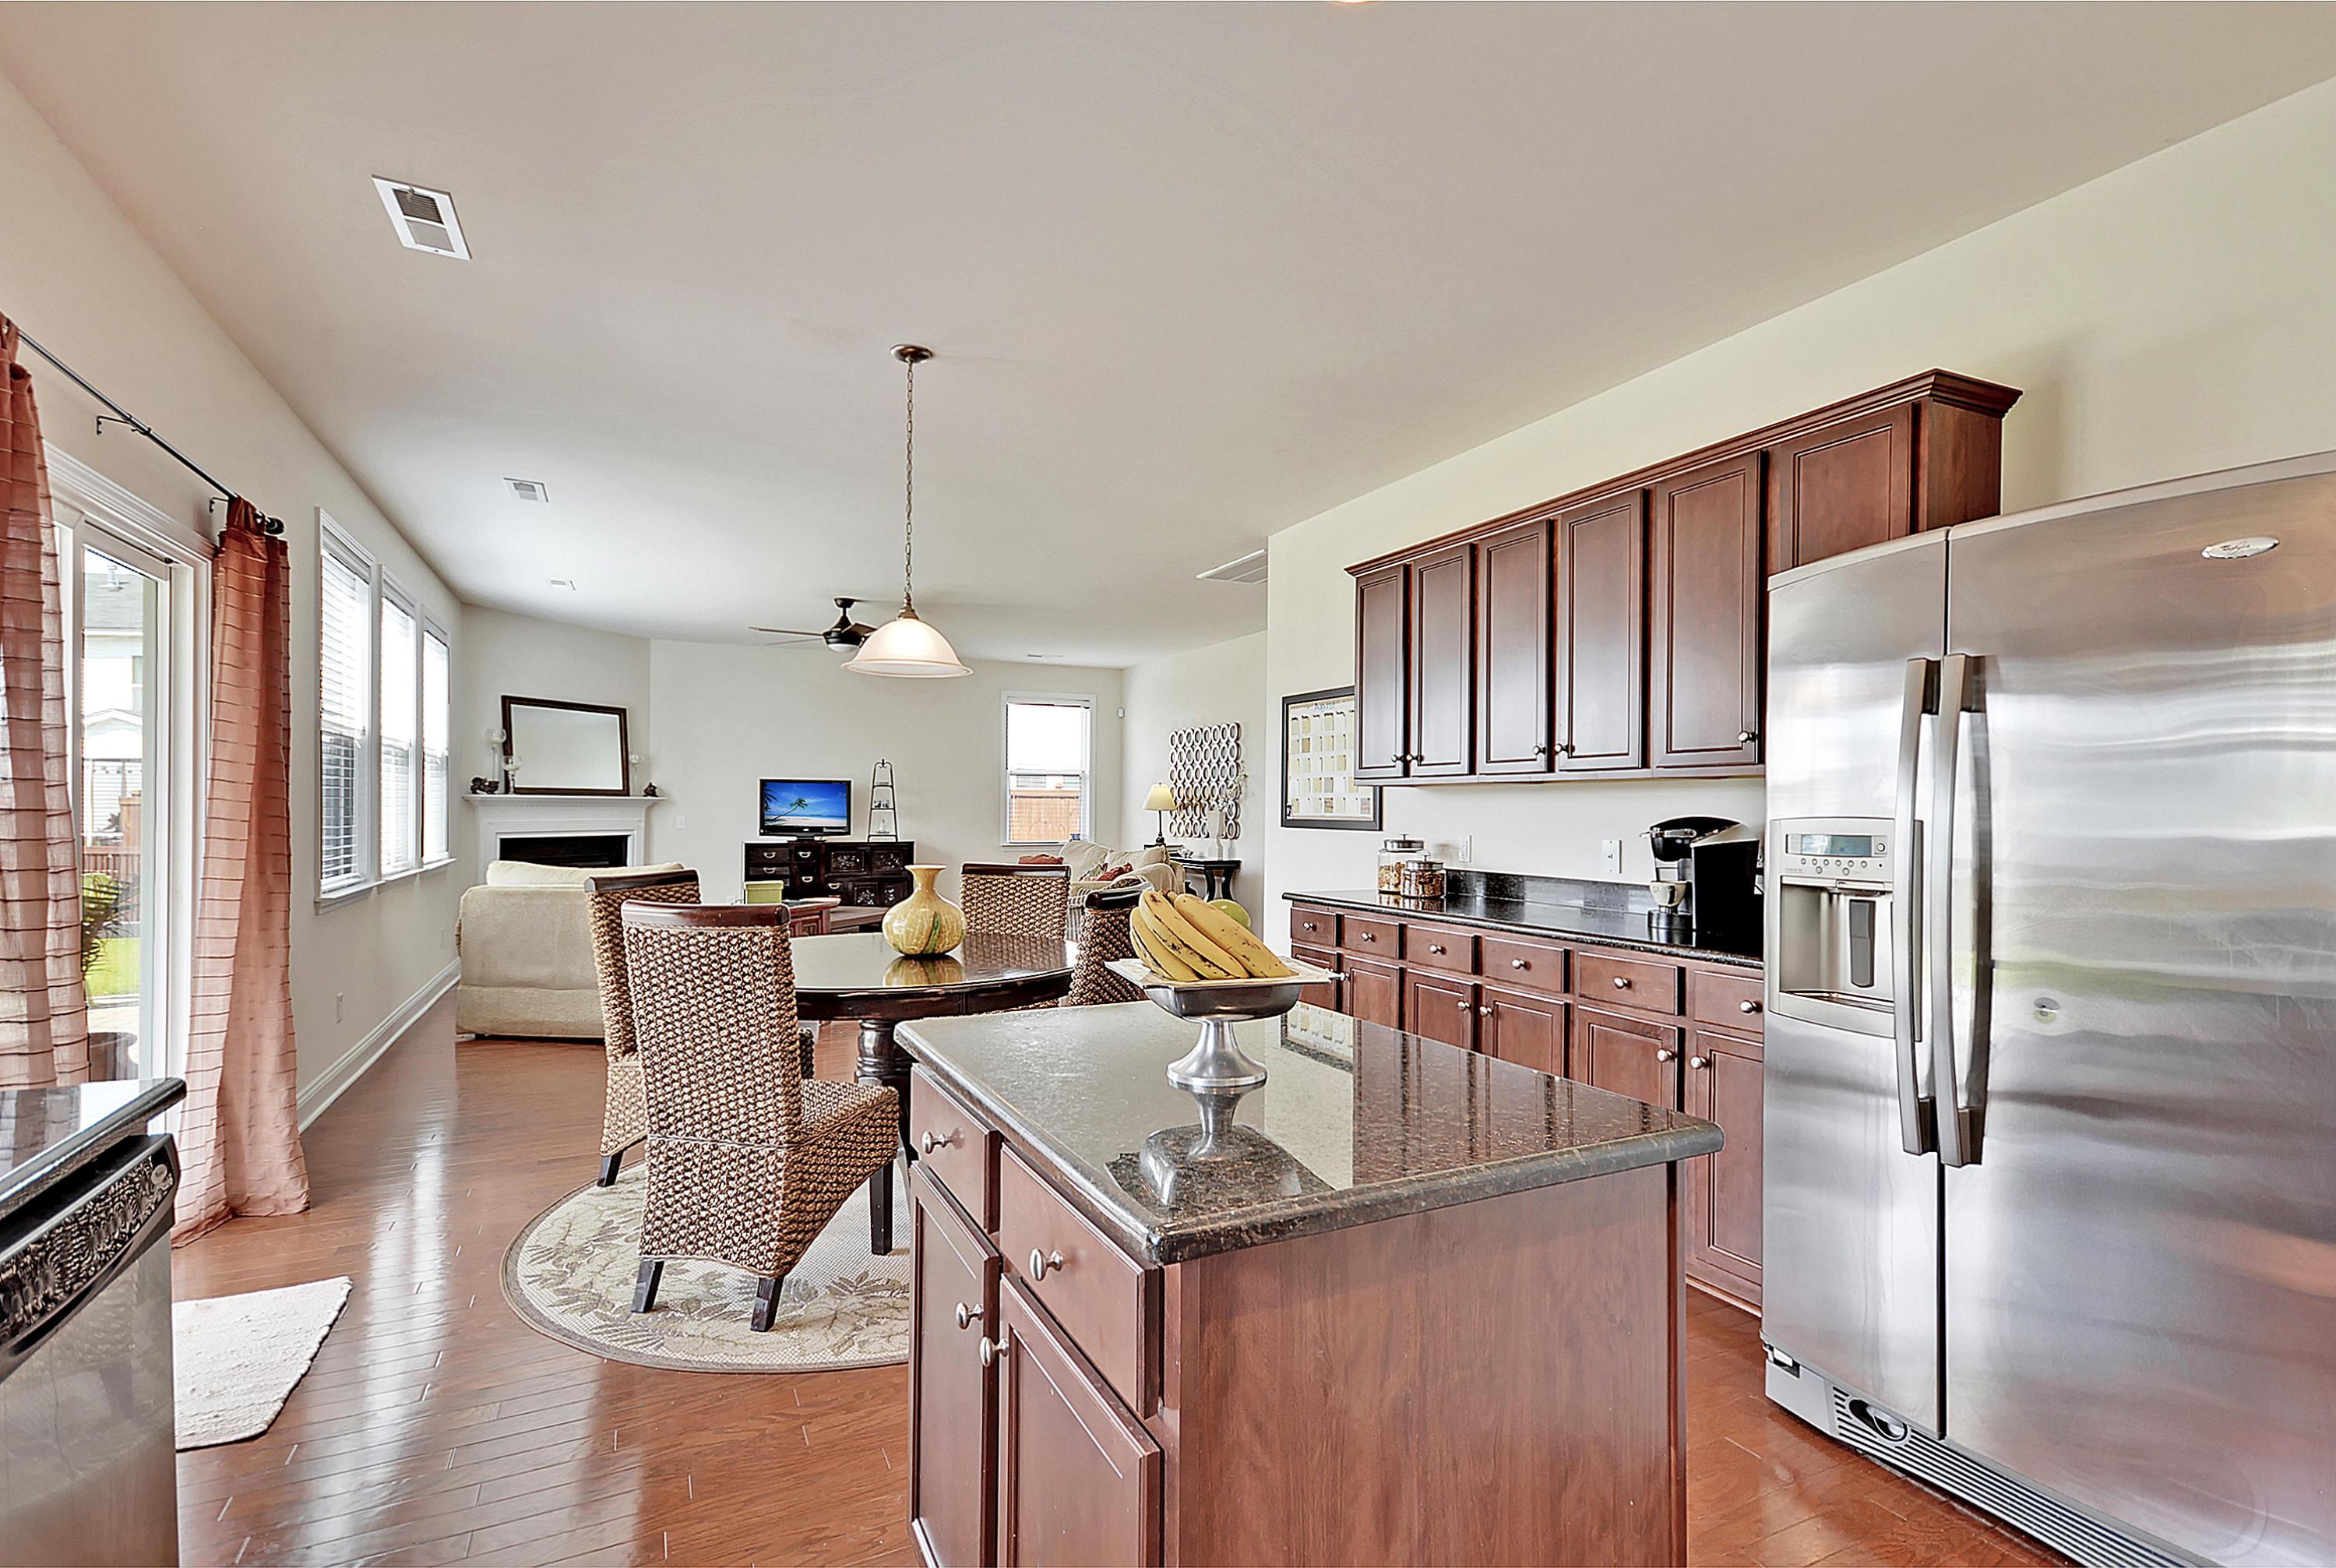 Cane Bay Plantation Homes For Sale - 213 Decatur, Summerville, SC - 3